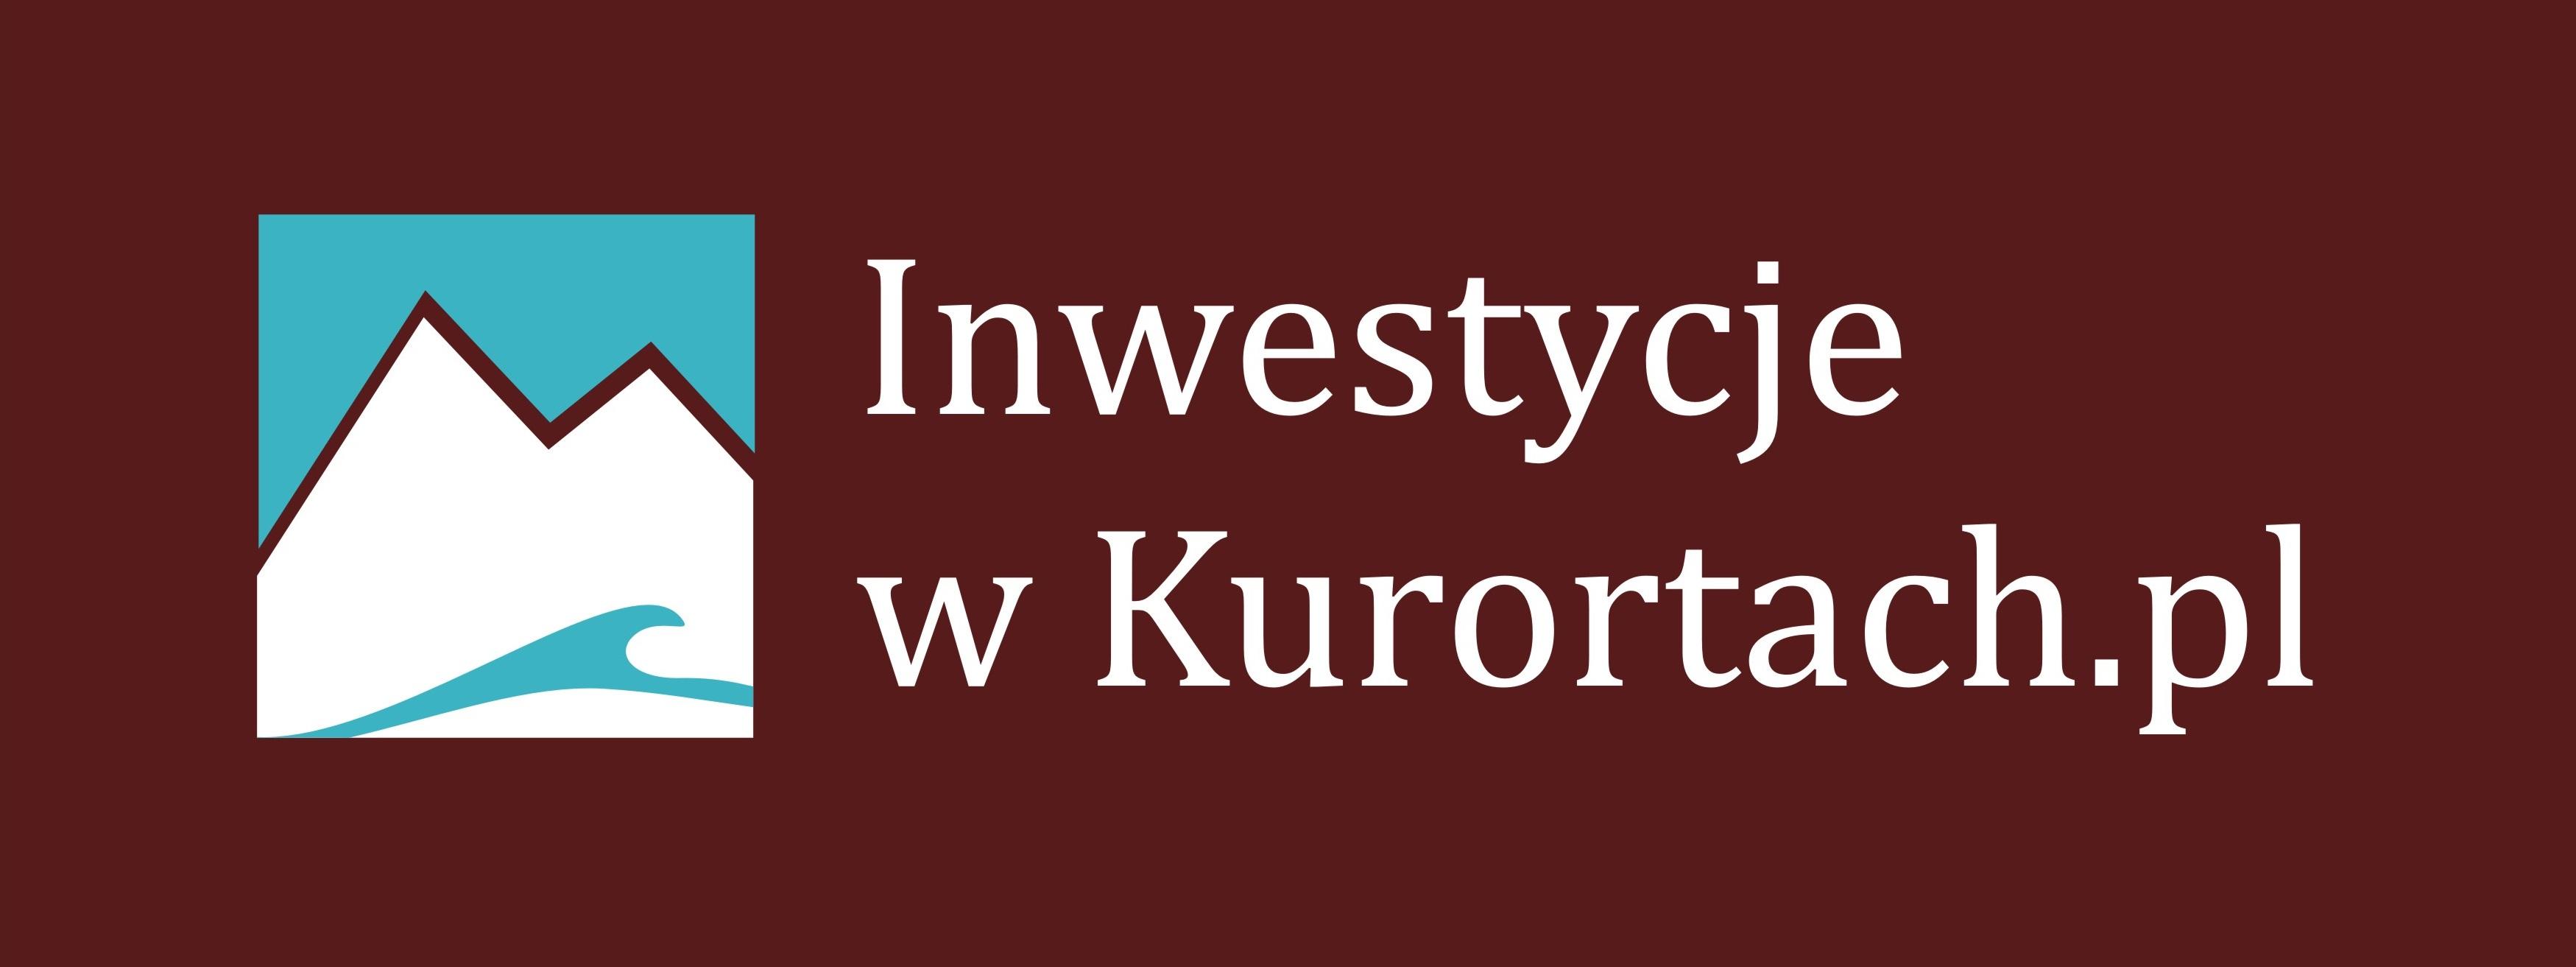 Inwestycje w kurortach